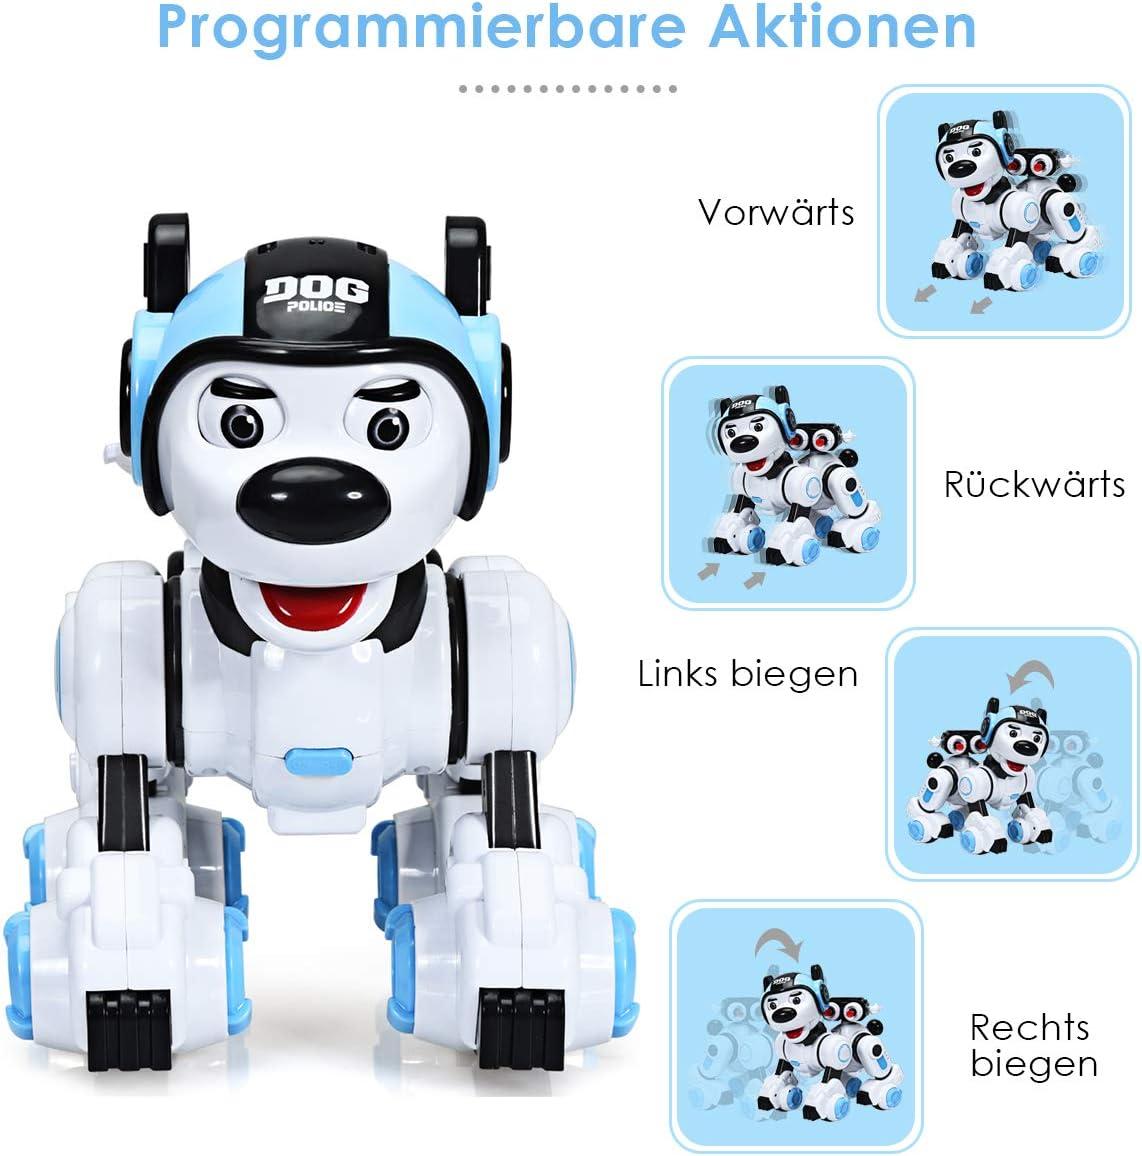 schie/ßt Roboterhund intelligent blinkt Hundespielzeug programmierbar Roboter-Spielzeug mit Musikfunktion Tanzt RC Interaktiv Roboter COSTWAY Ferngesteuert Hund Roboter